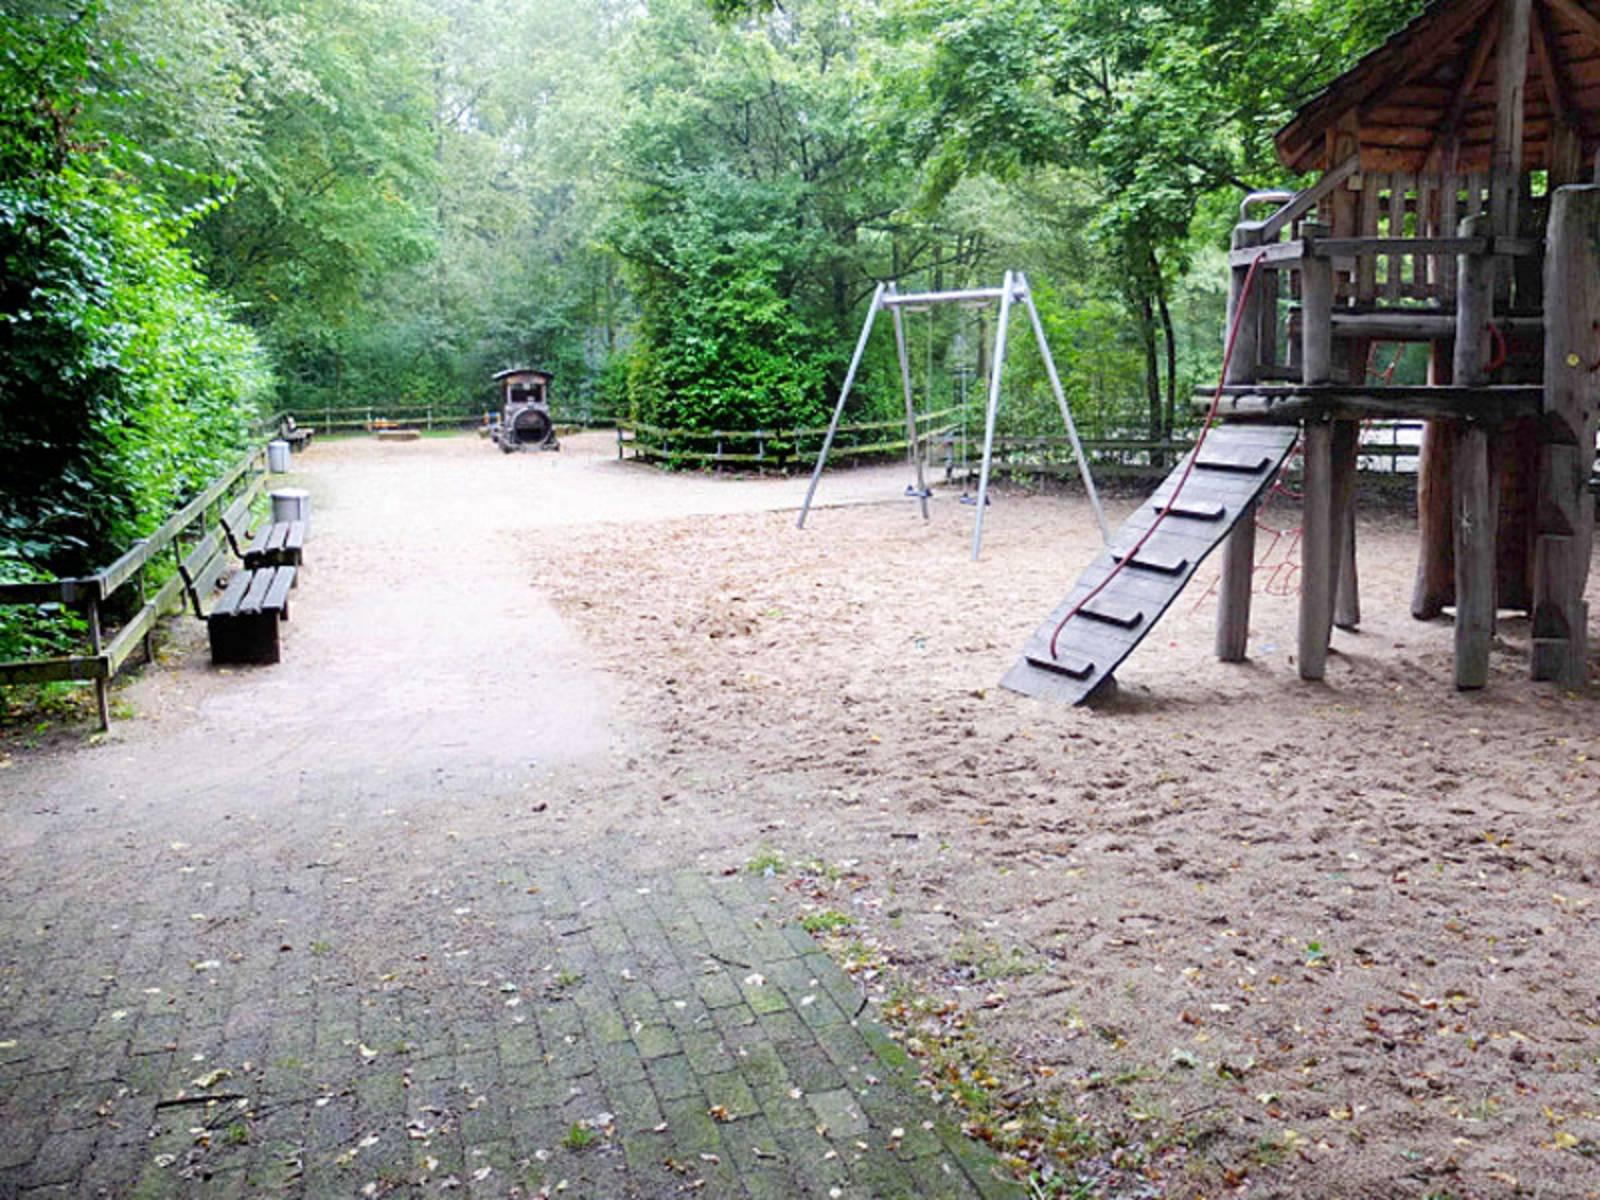 Spielplatz mit Sitzbänken, Schaukel und Klettergerüst